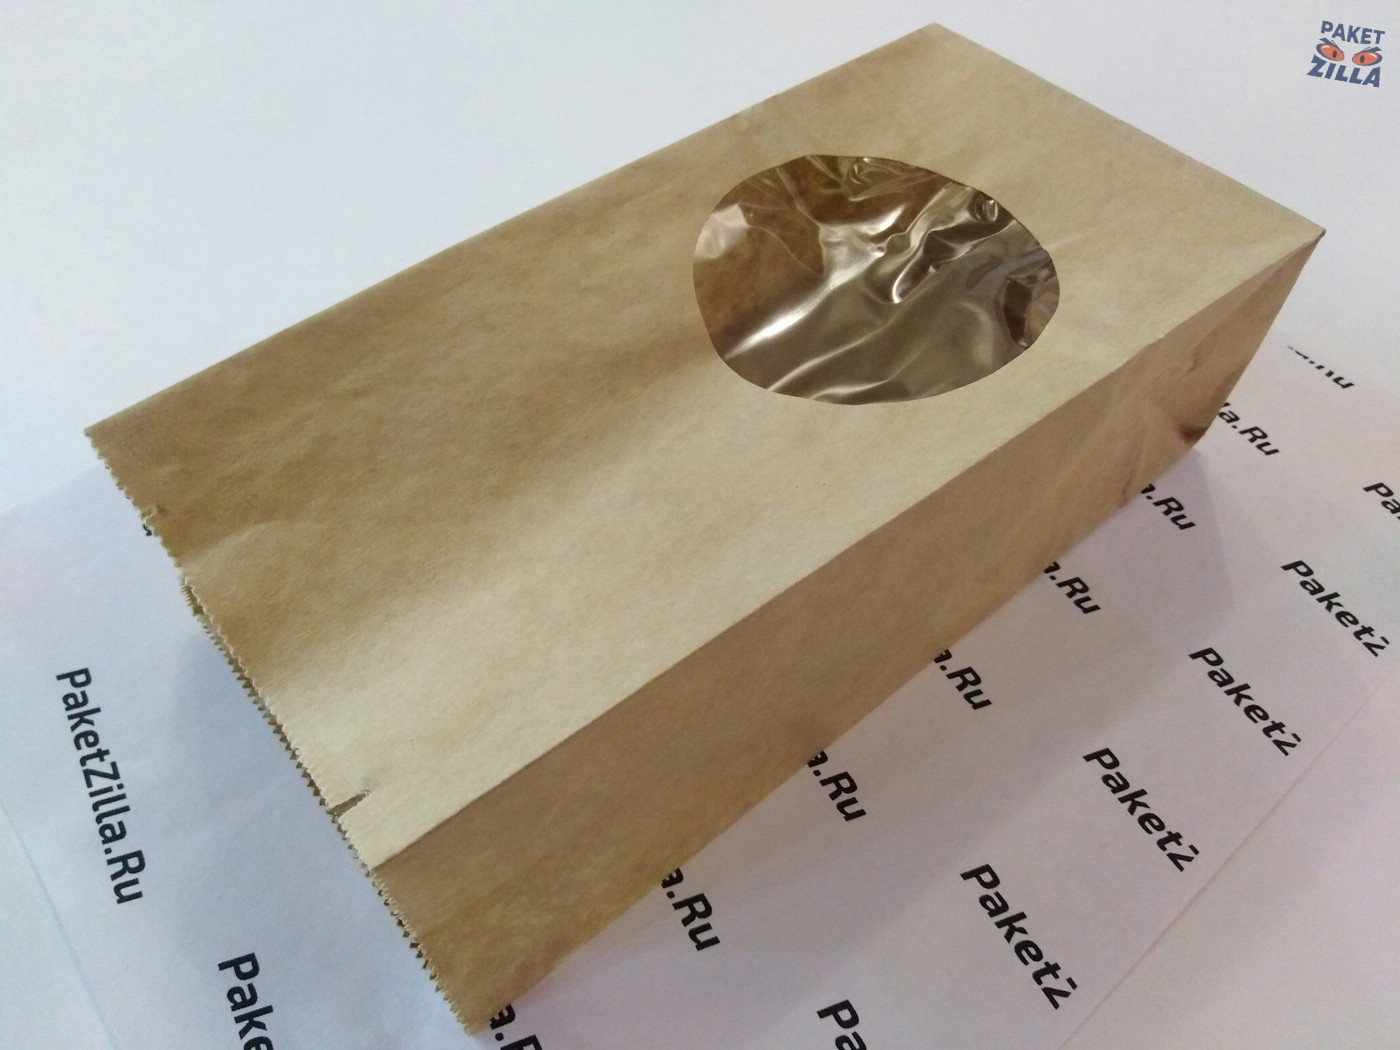 Крафт пакет 200 * 100 * 60 мм с окном. 2-х слойный. 11.